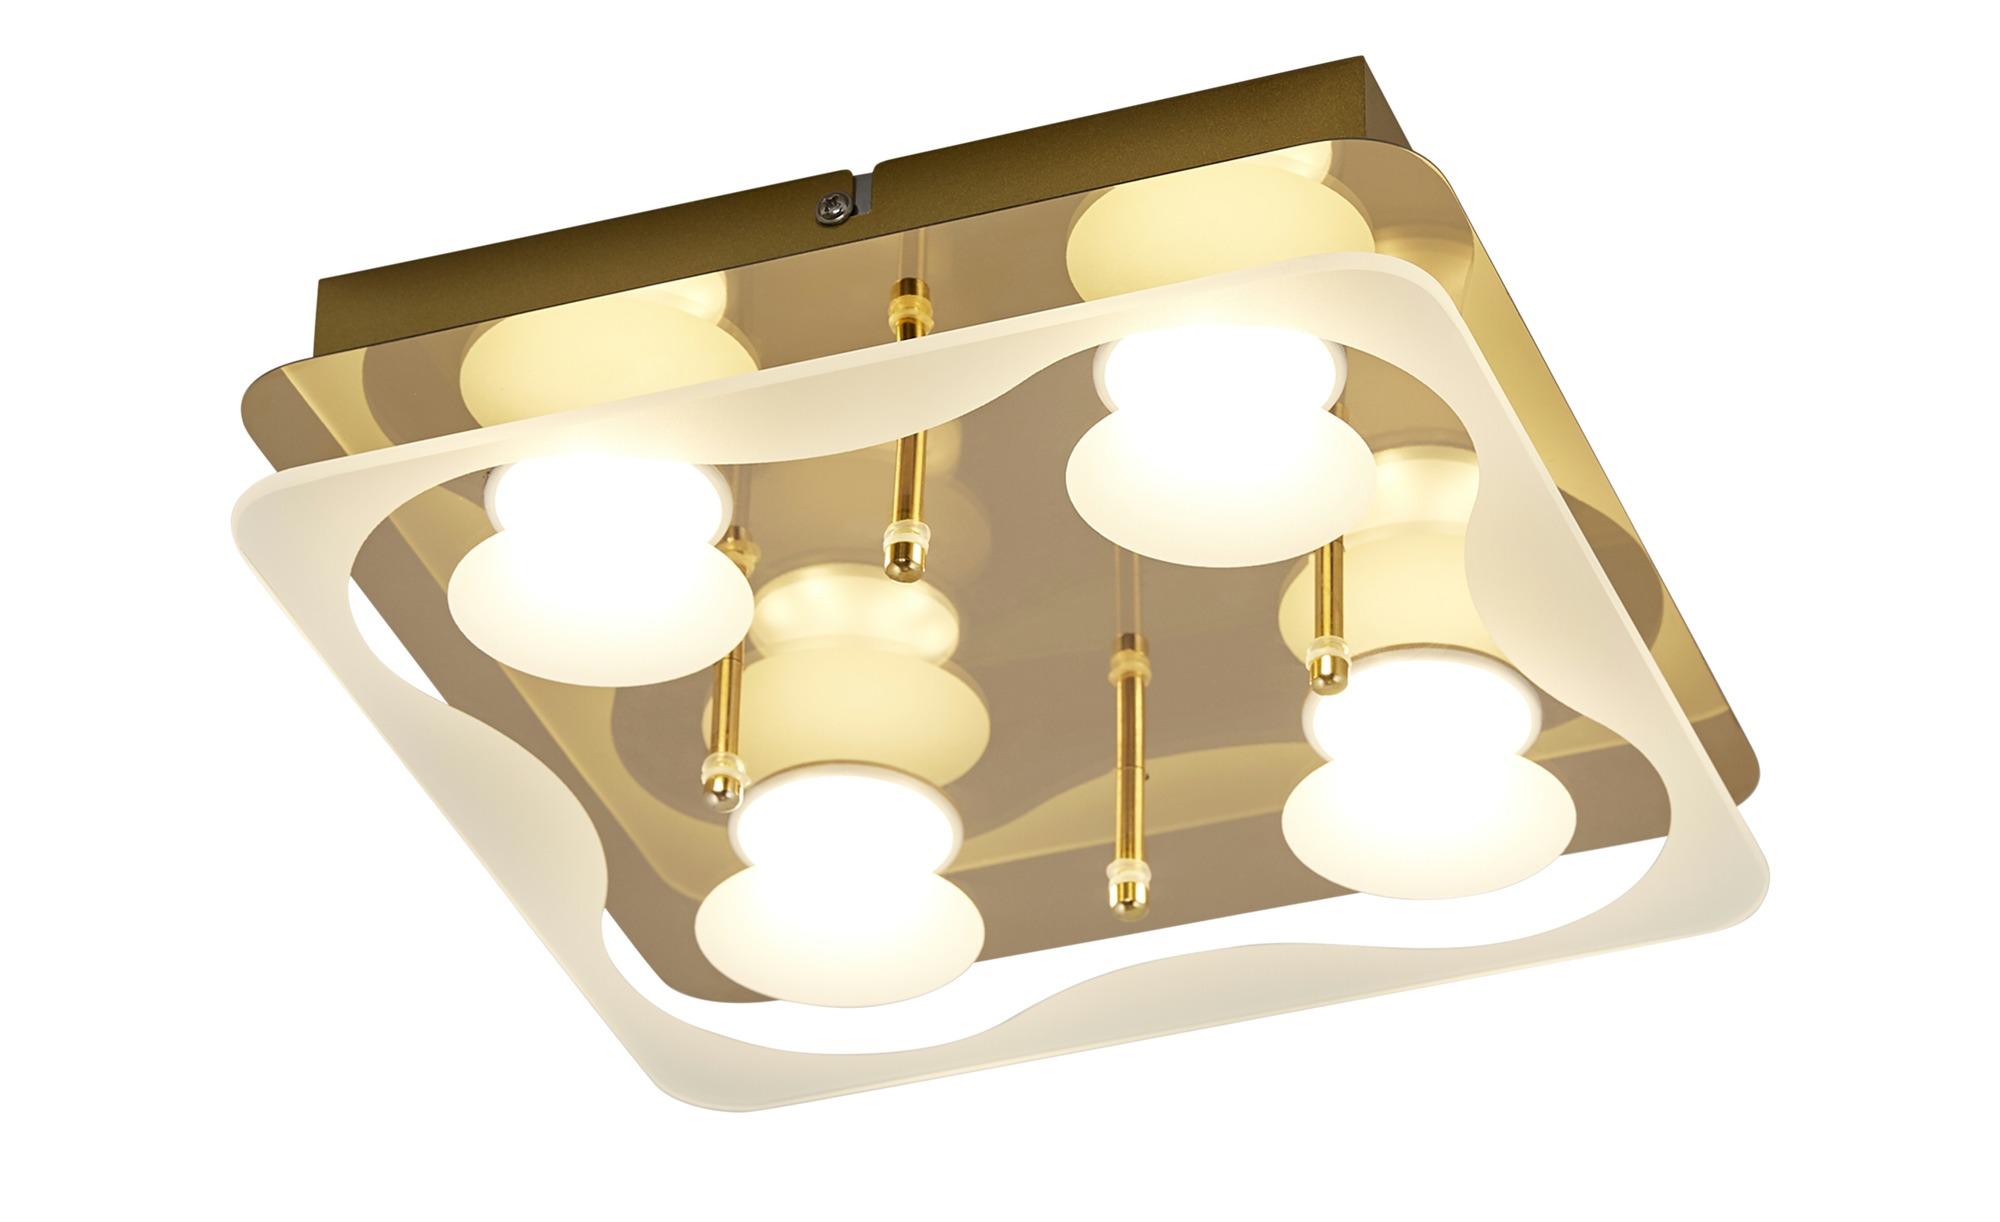 KHG LED-Deckenleuchte, 4-flammig, messing ¦ gold ¦ Maße (cm): B: 25 H: 6 Lampen & Leuchten > Innenleuchten > Deckenleuchten - Höffner